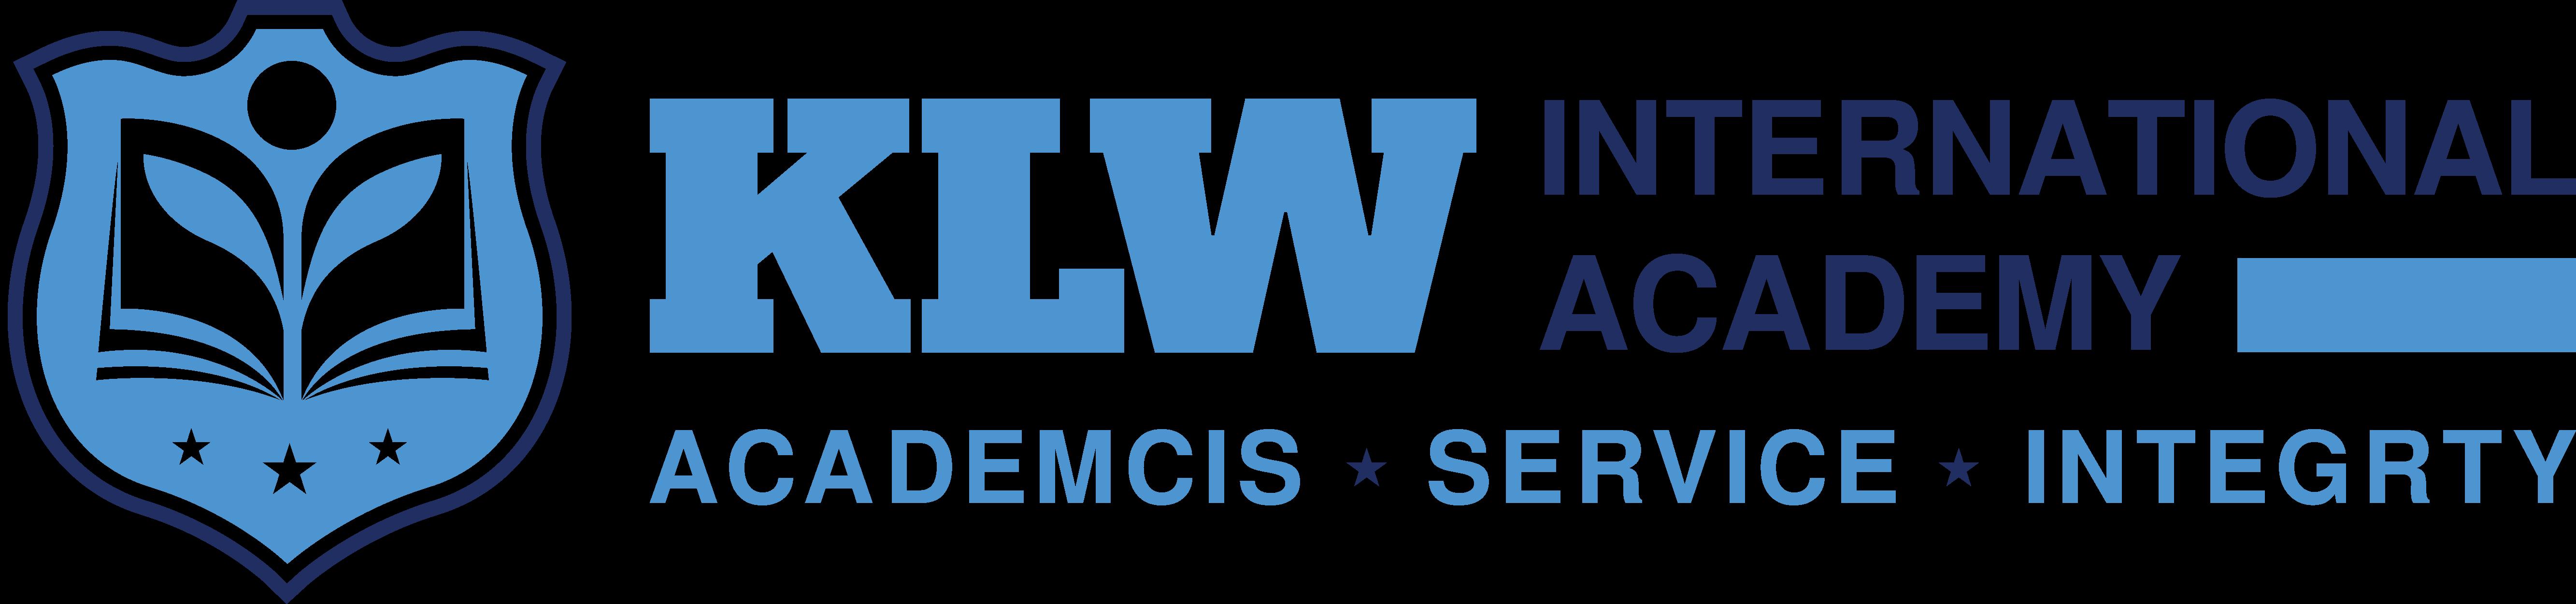 KLW International Academy